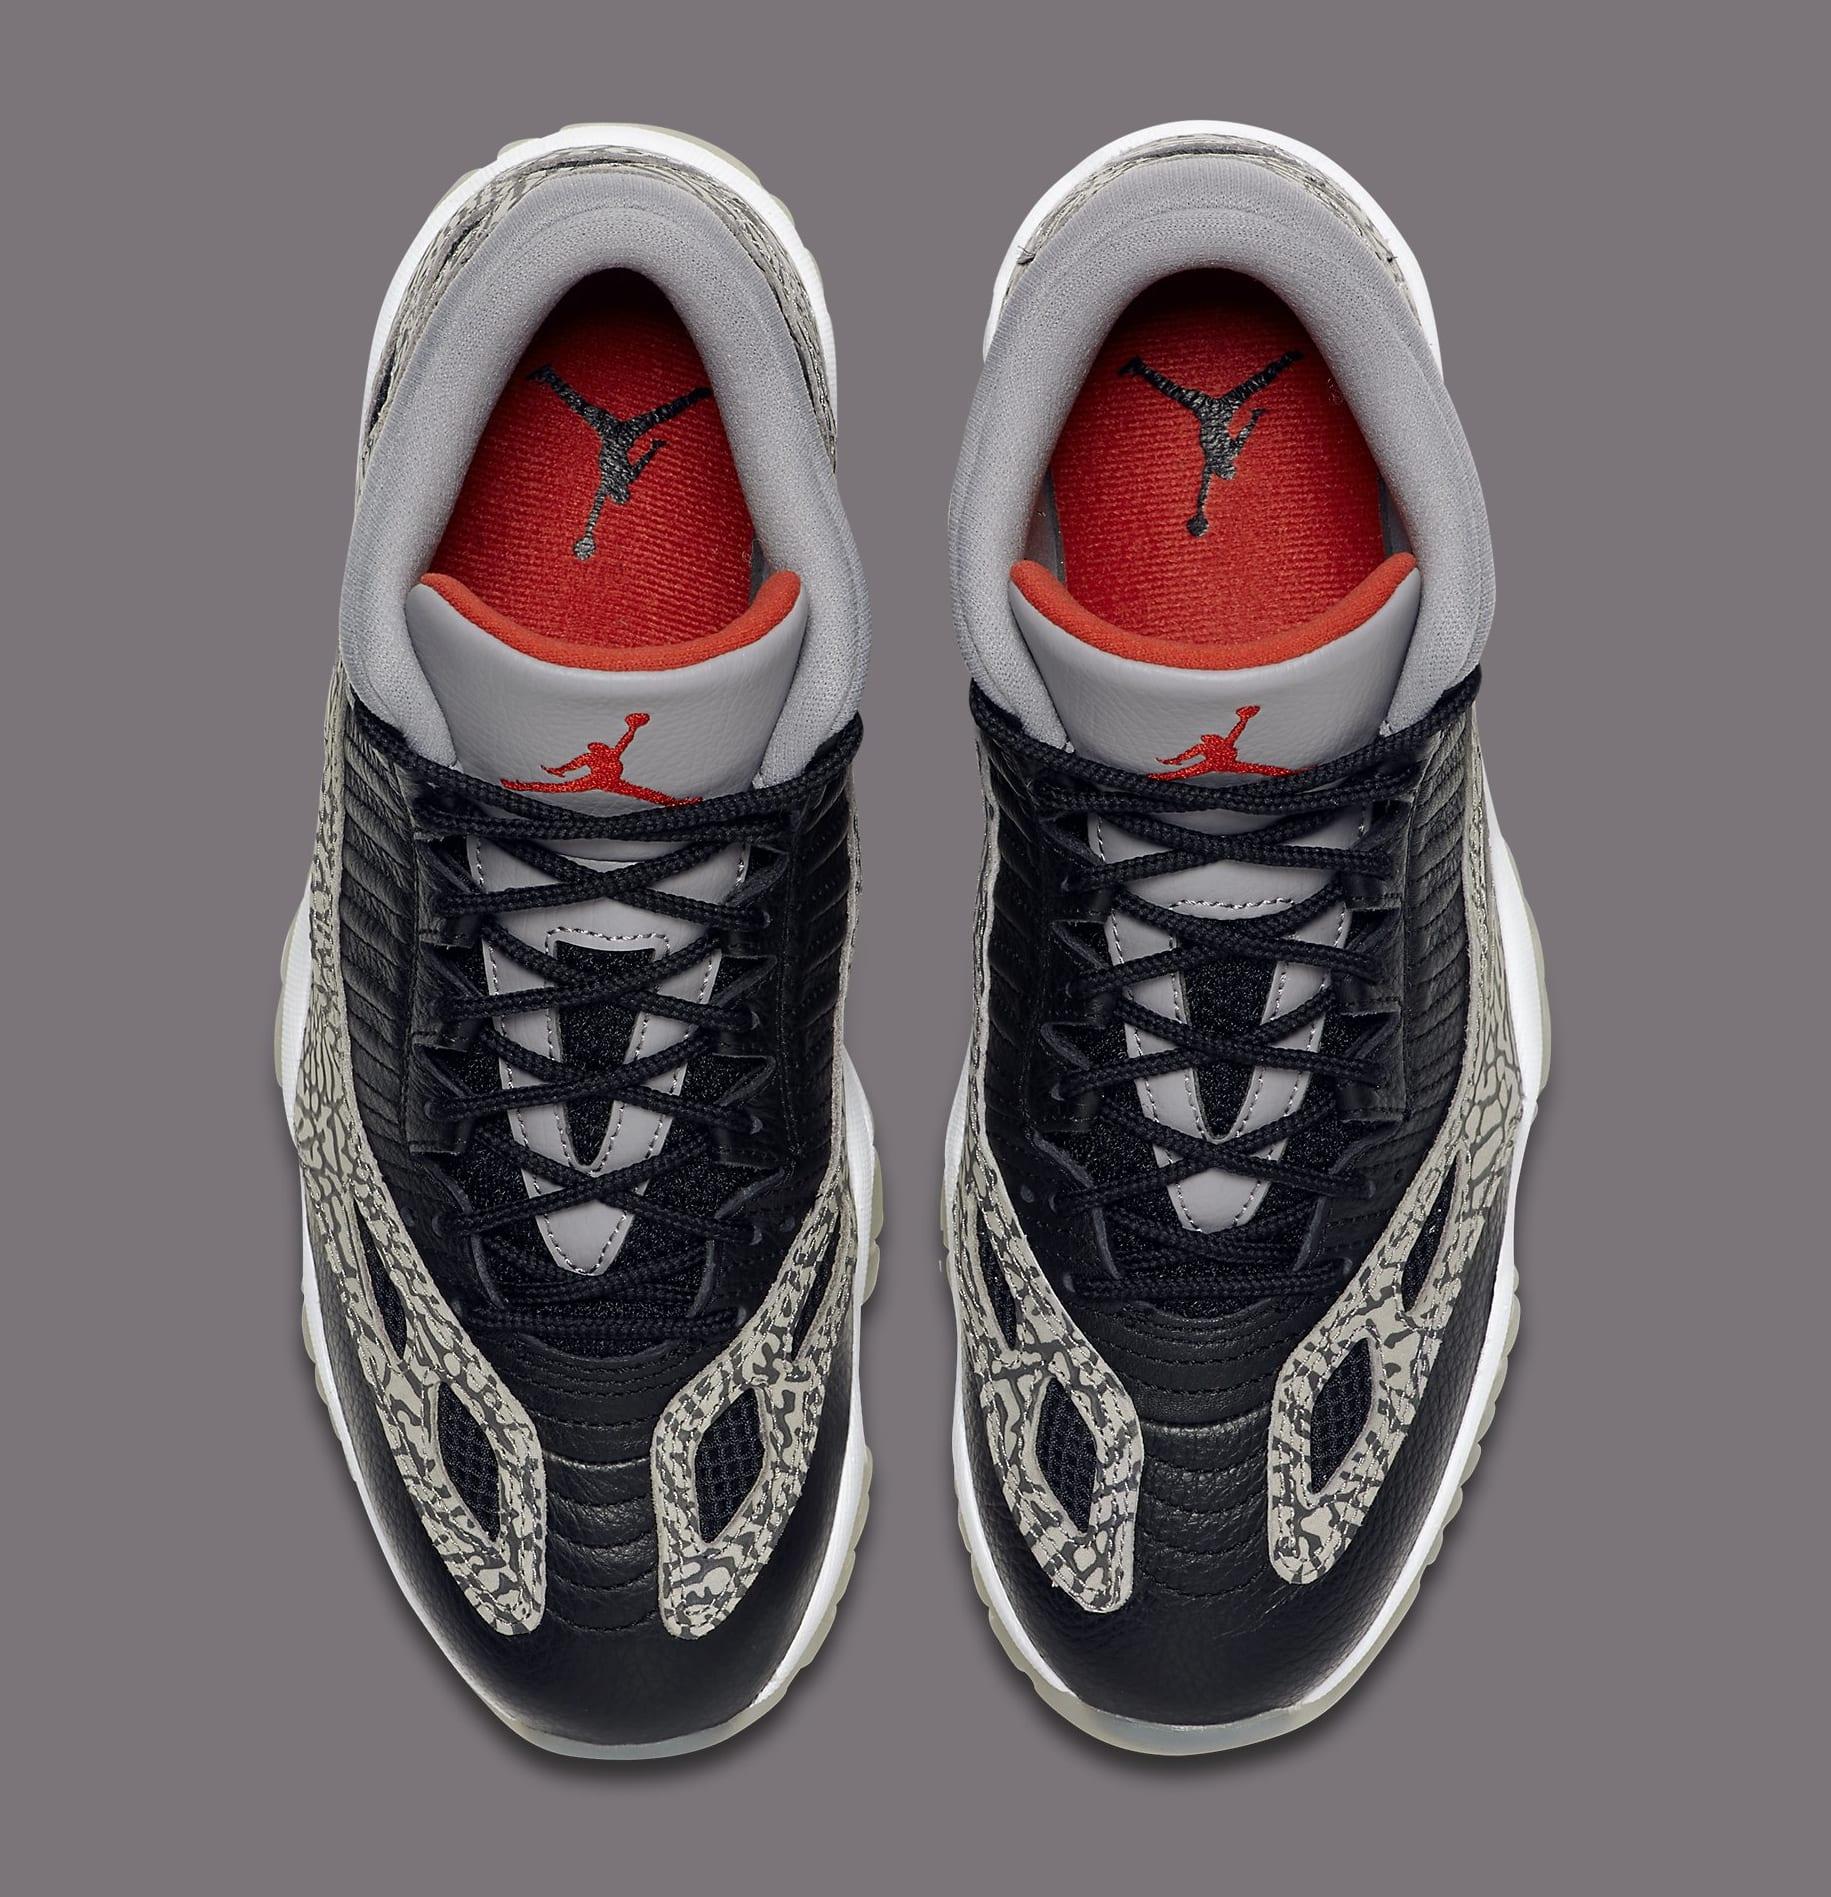 Air Jordan 11 Retro Low IE 'Black Cement' 919712-006 Top